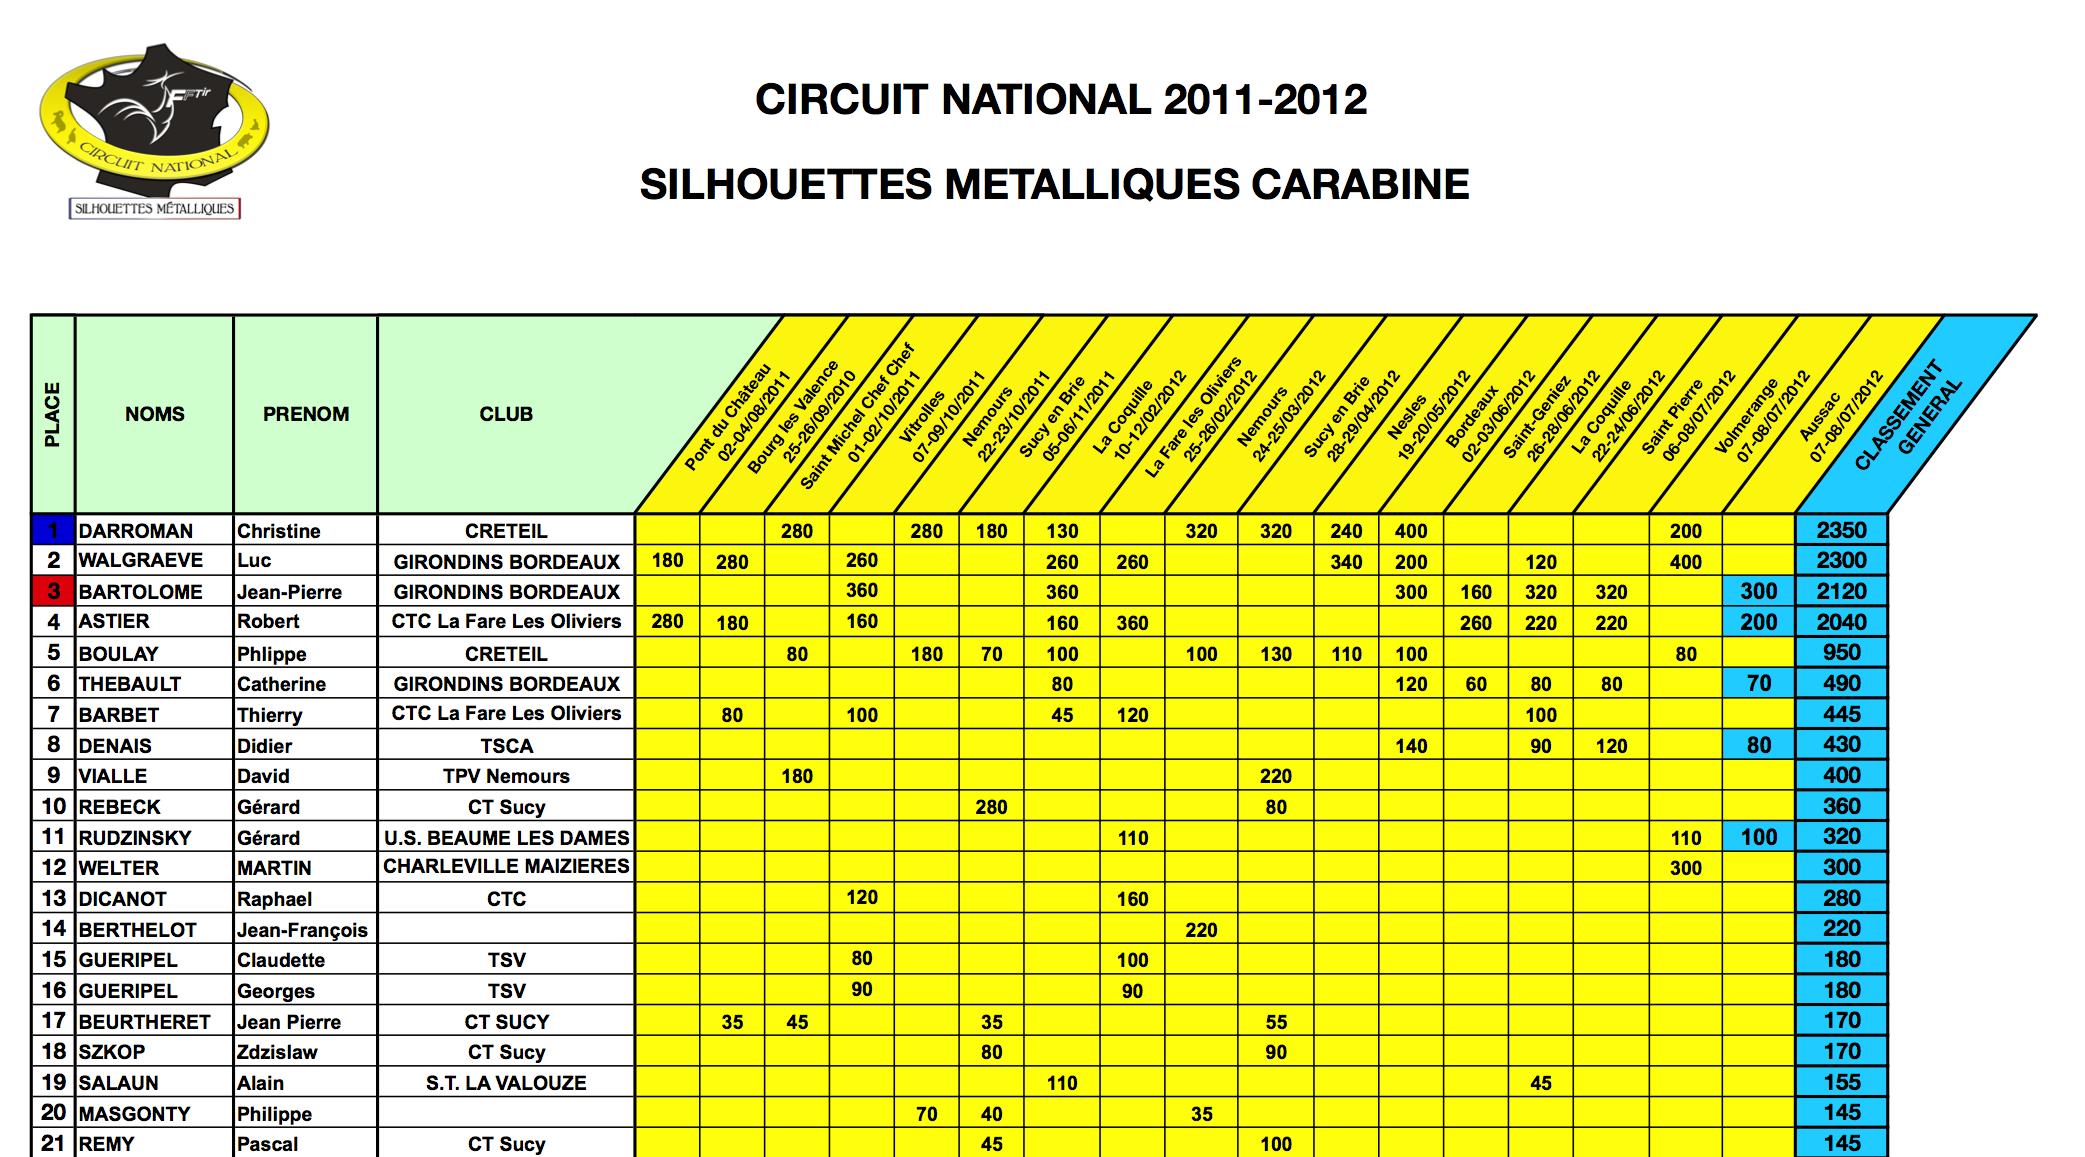 Capture d'e%u0301cran 2013-03-26 a%u0300 14.29.35.png